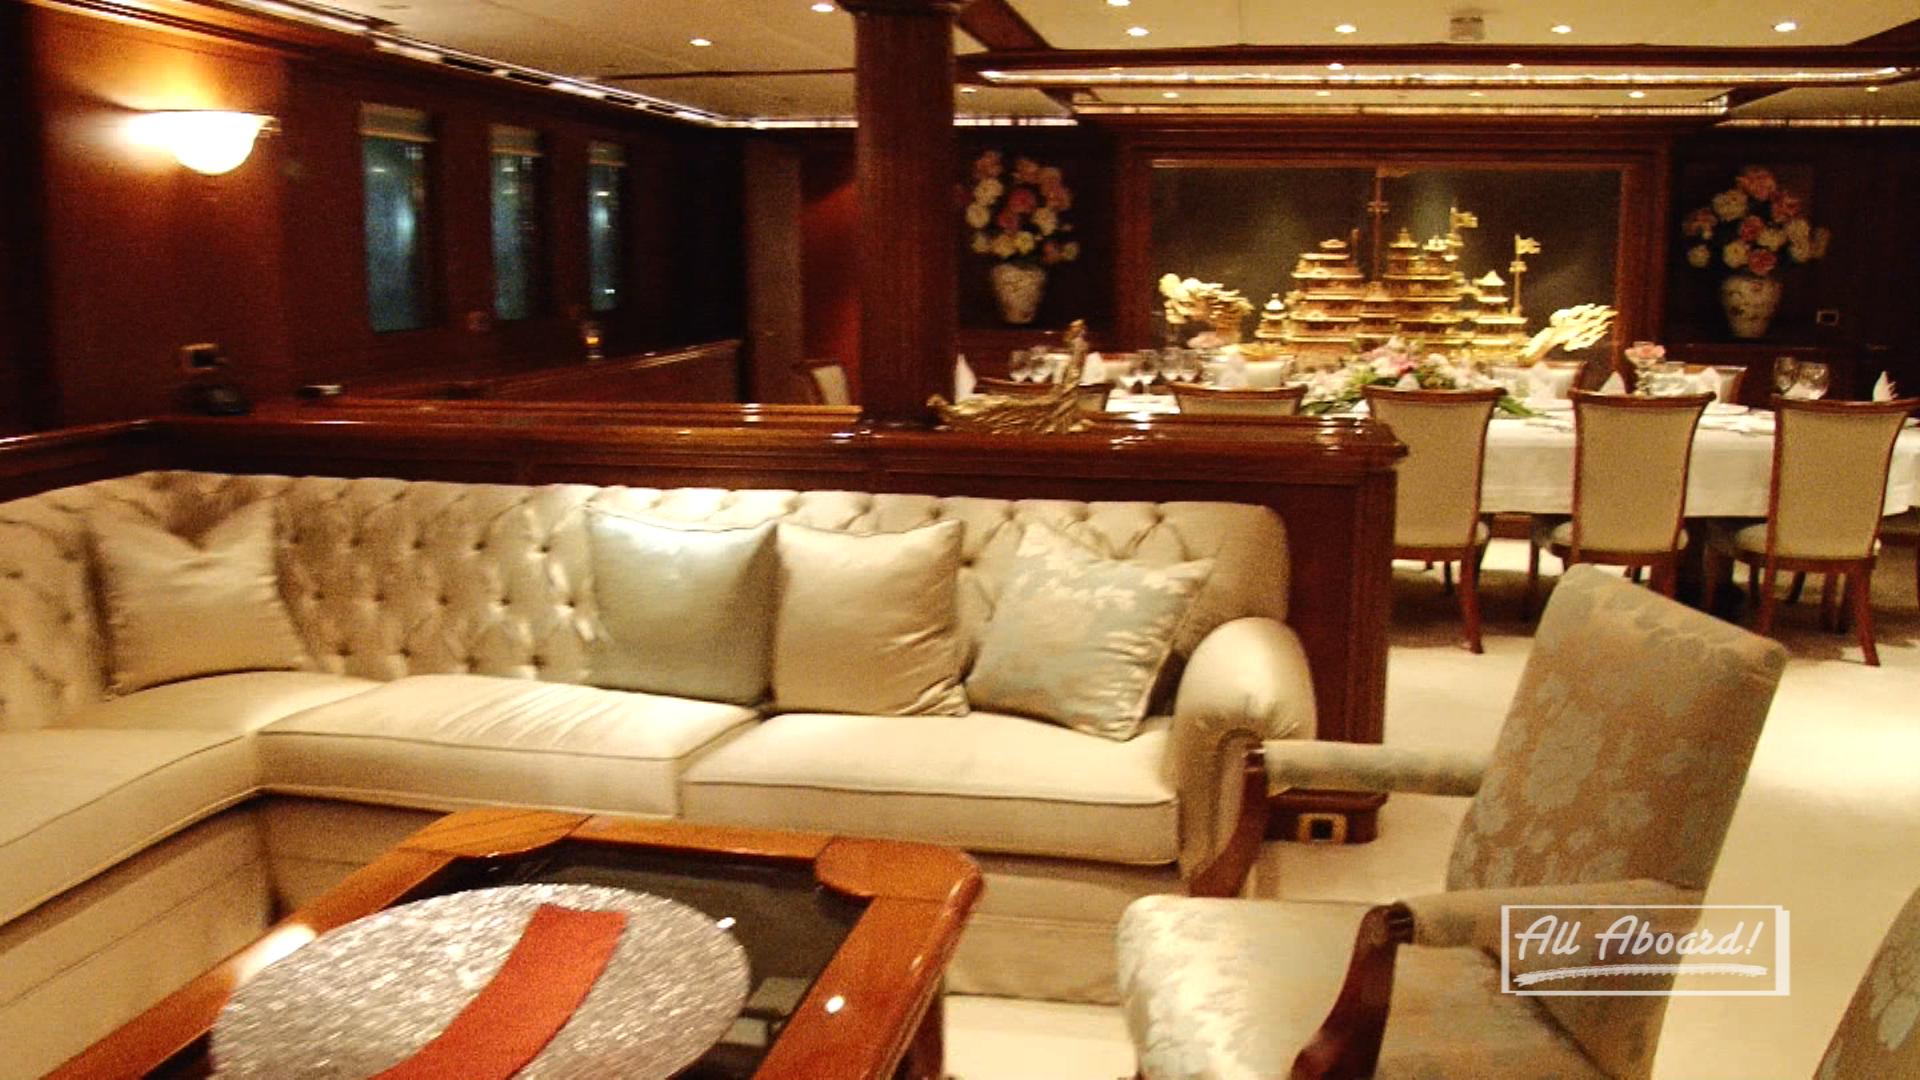 All Aboard! – Montigne